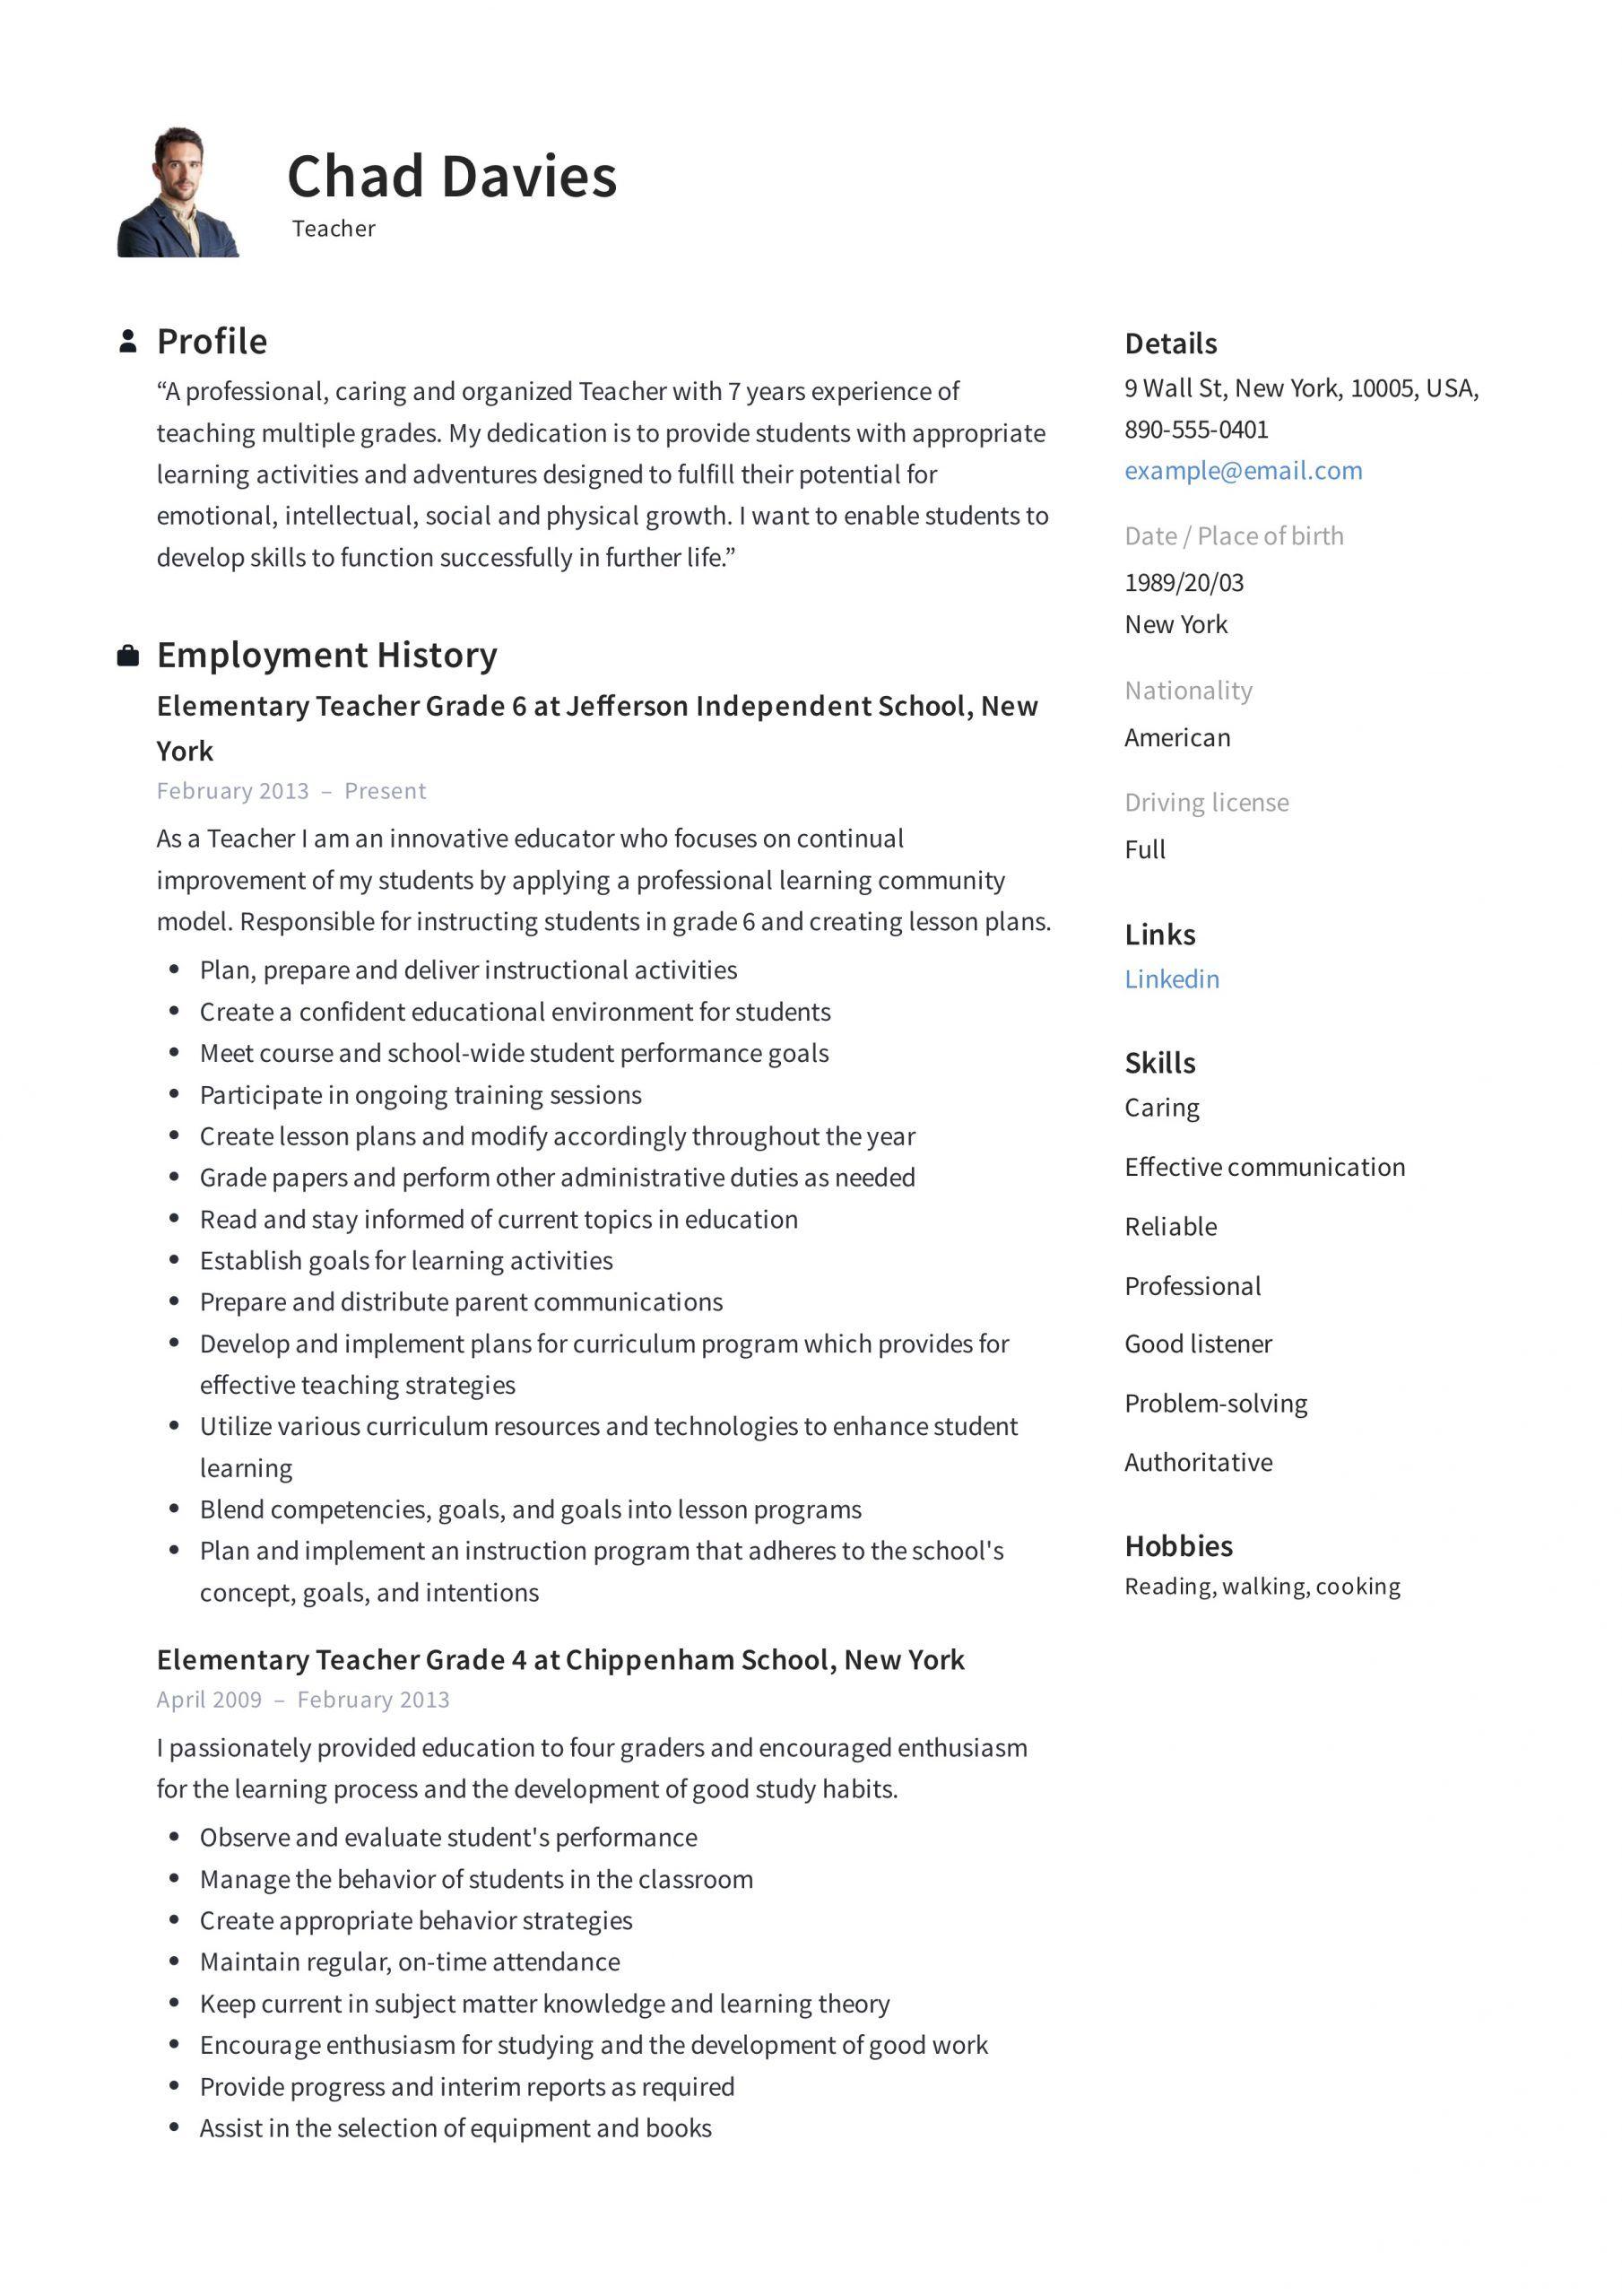 Elementary Teacher Resume in 2020 Teacher resume